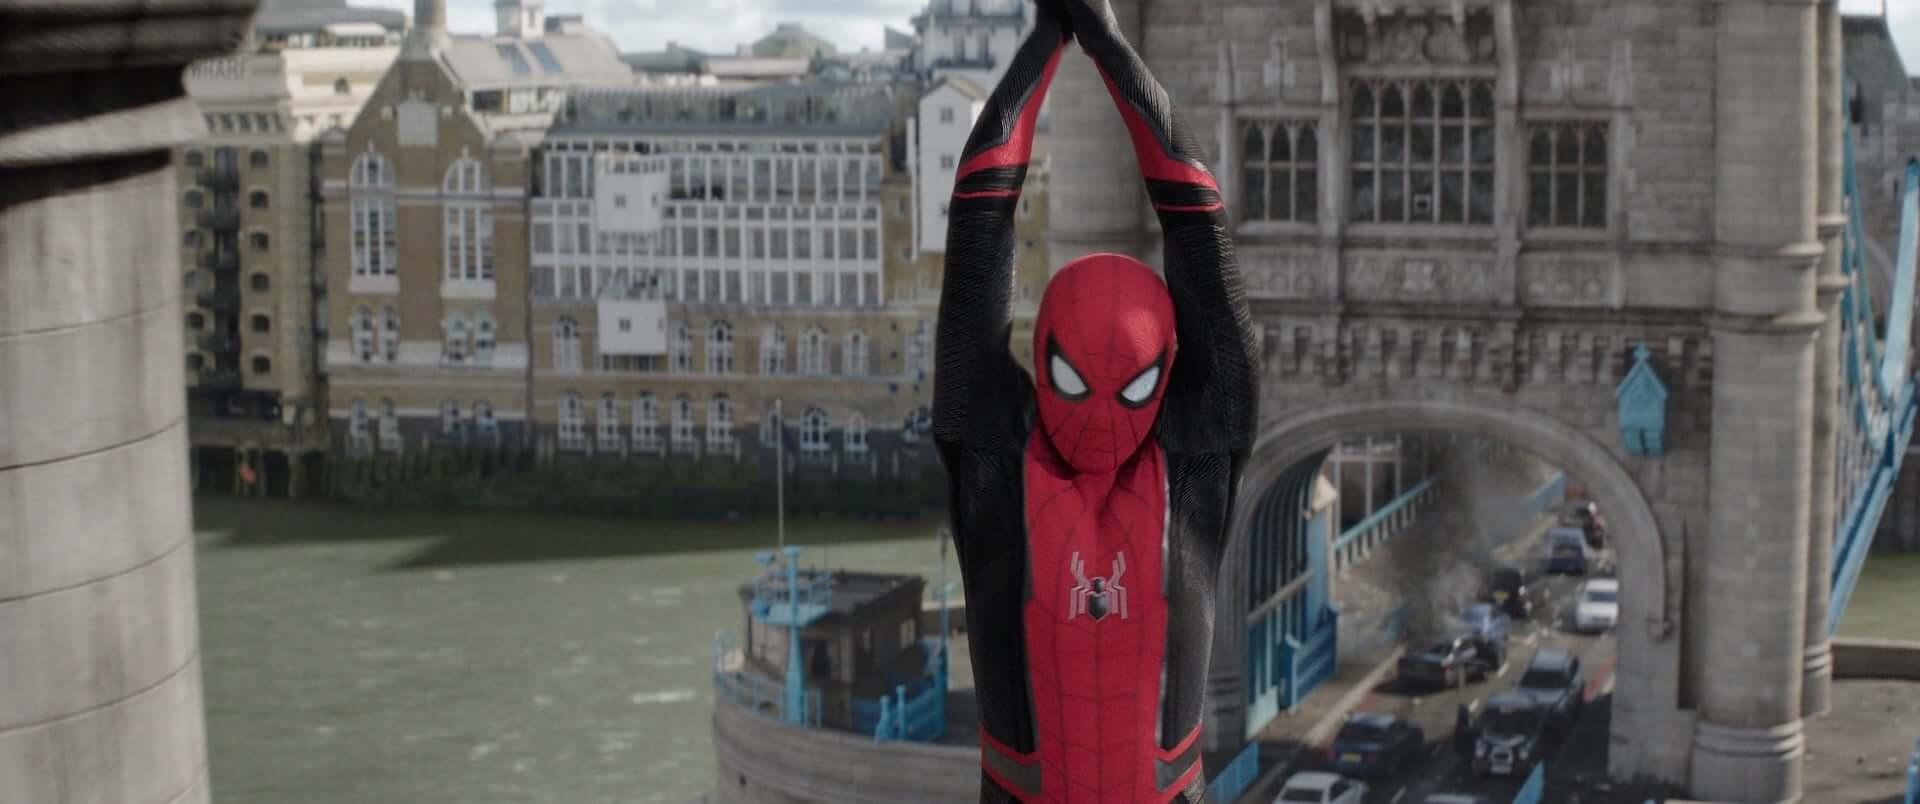 スパイダーマンが縦横無尽にスクリーンを駆け回る|『スパイダーマン:ファー・フロム・ホーム』がScreenXに登場 film190626spiderman-screenx_3-1920x804